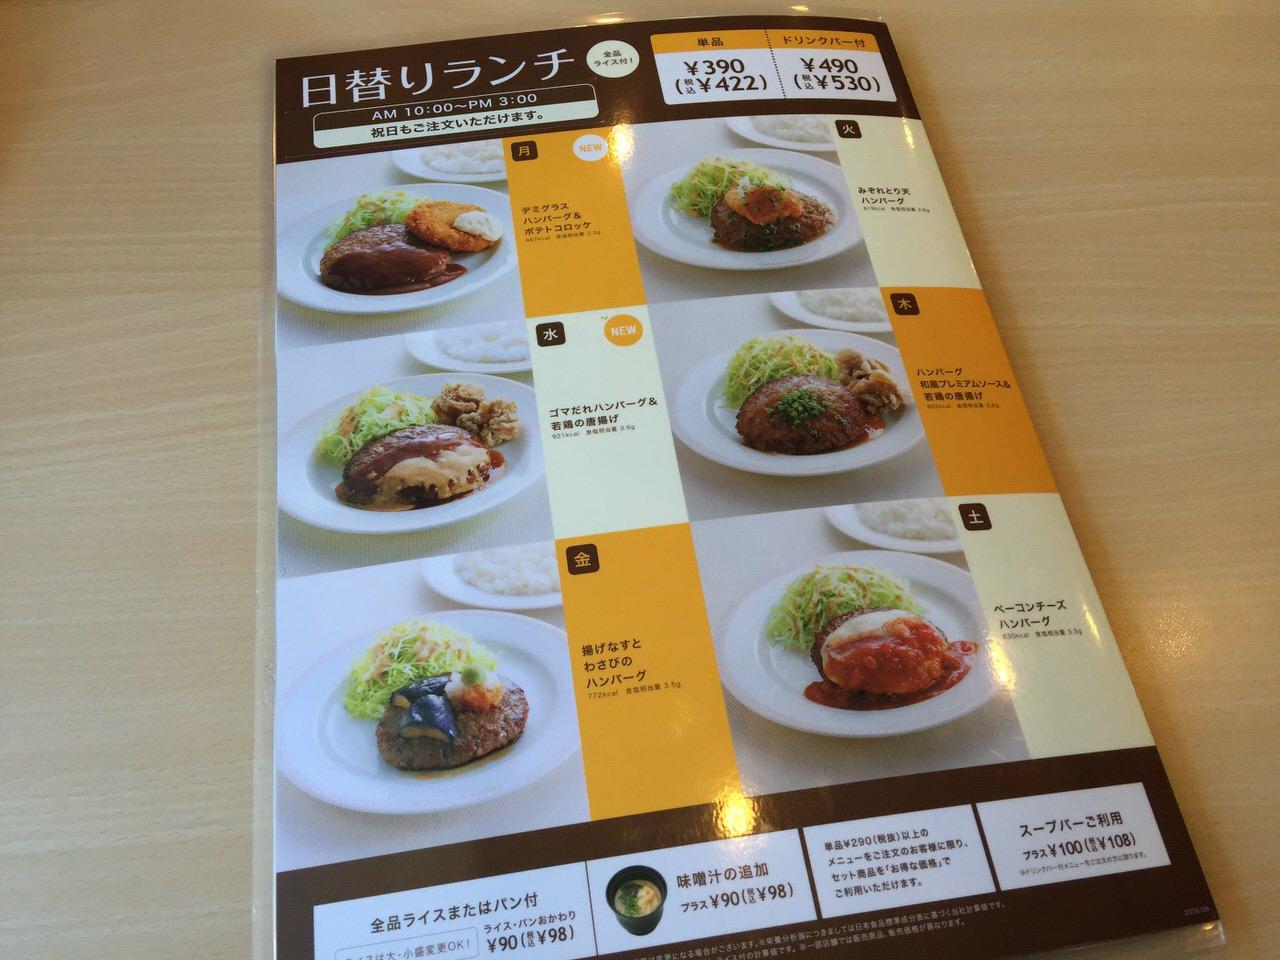 Joyfull yashio 7793